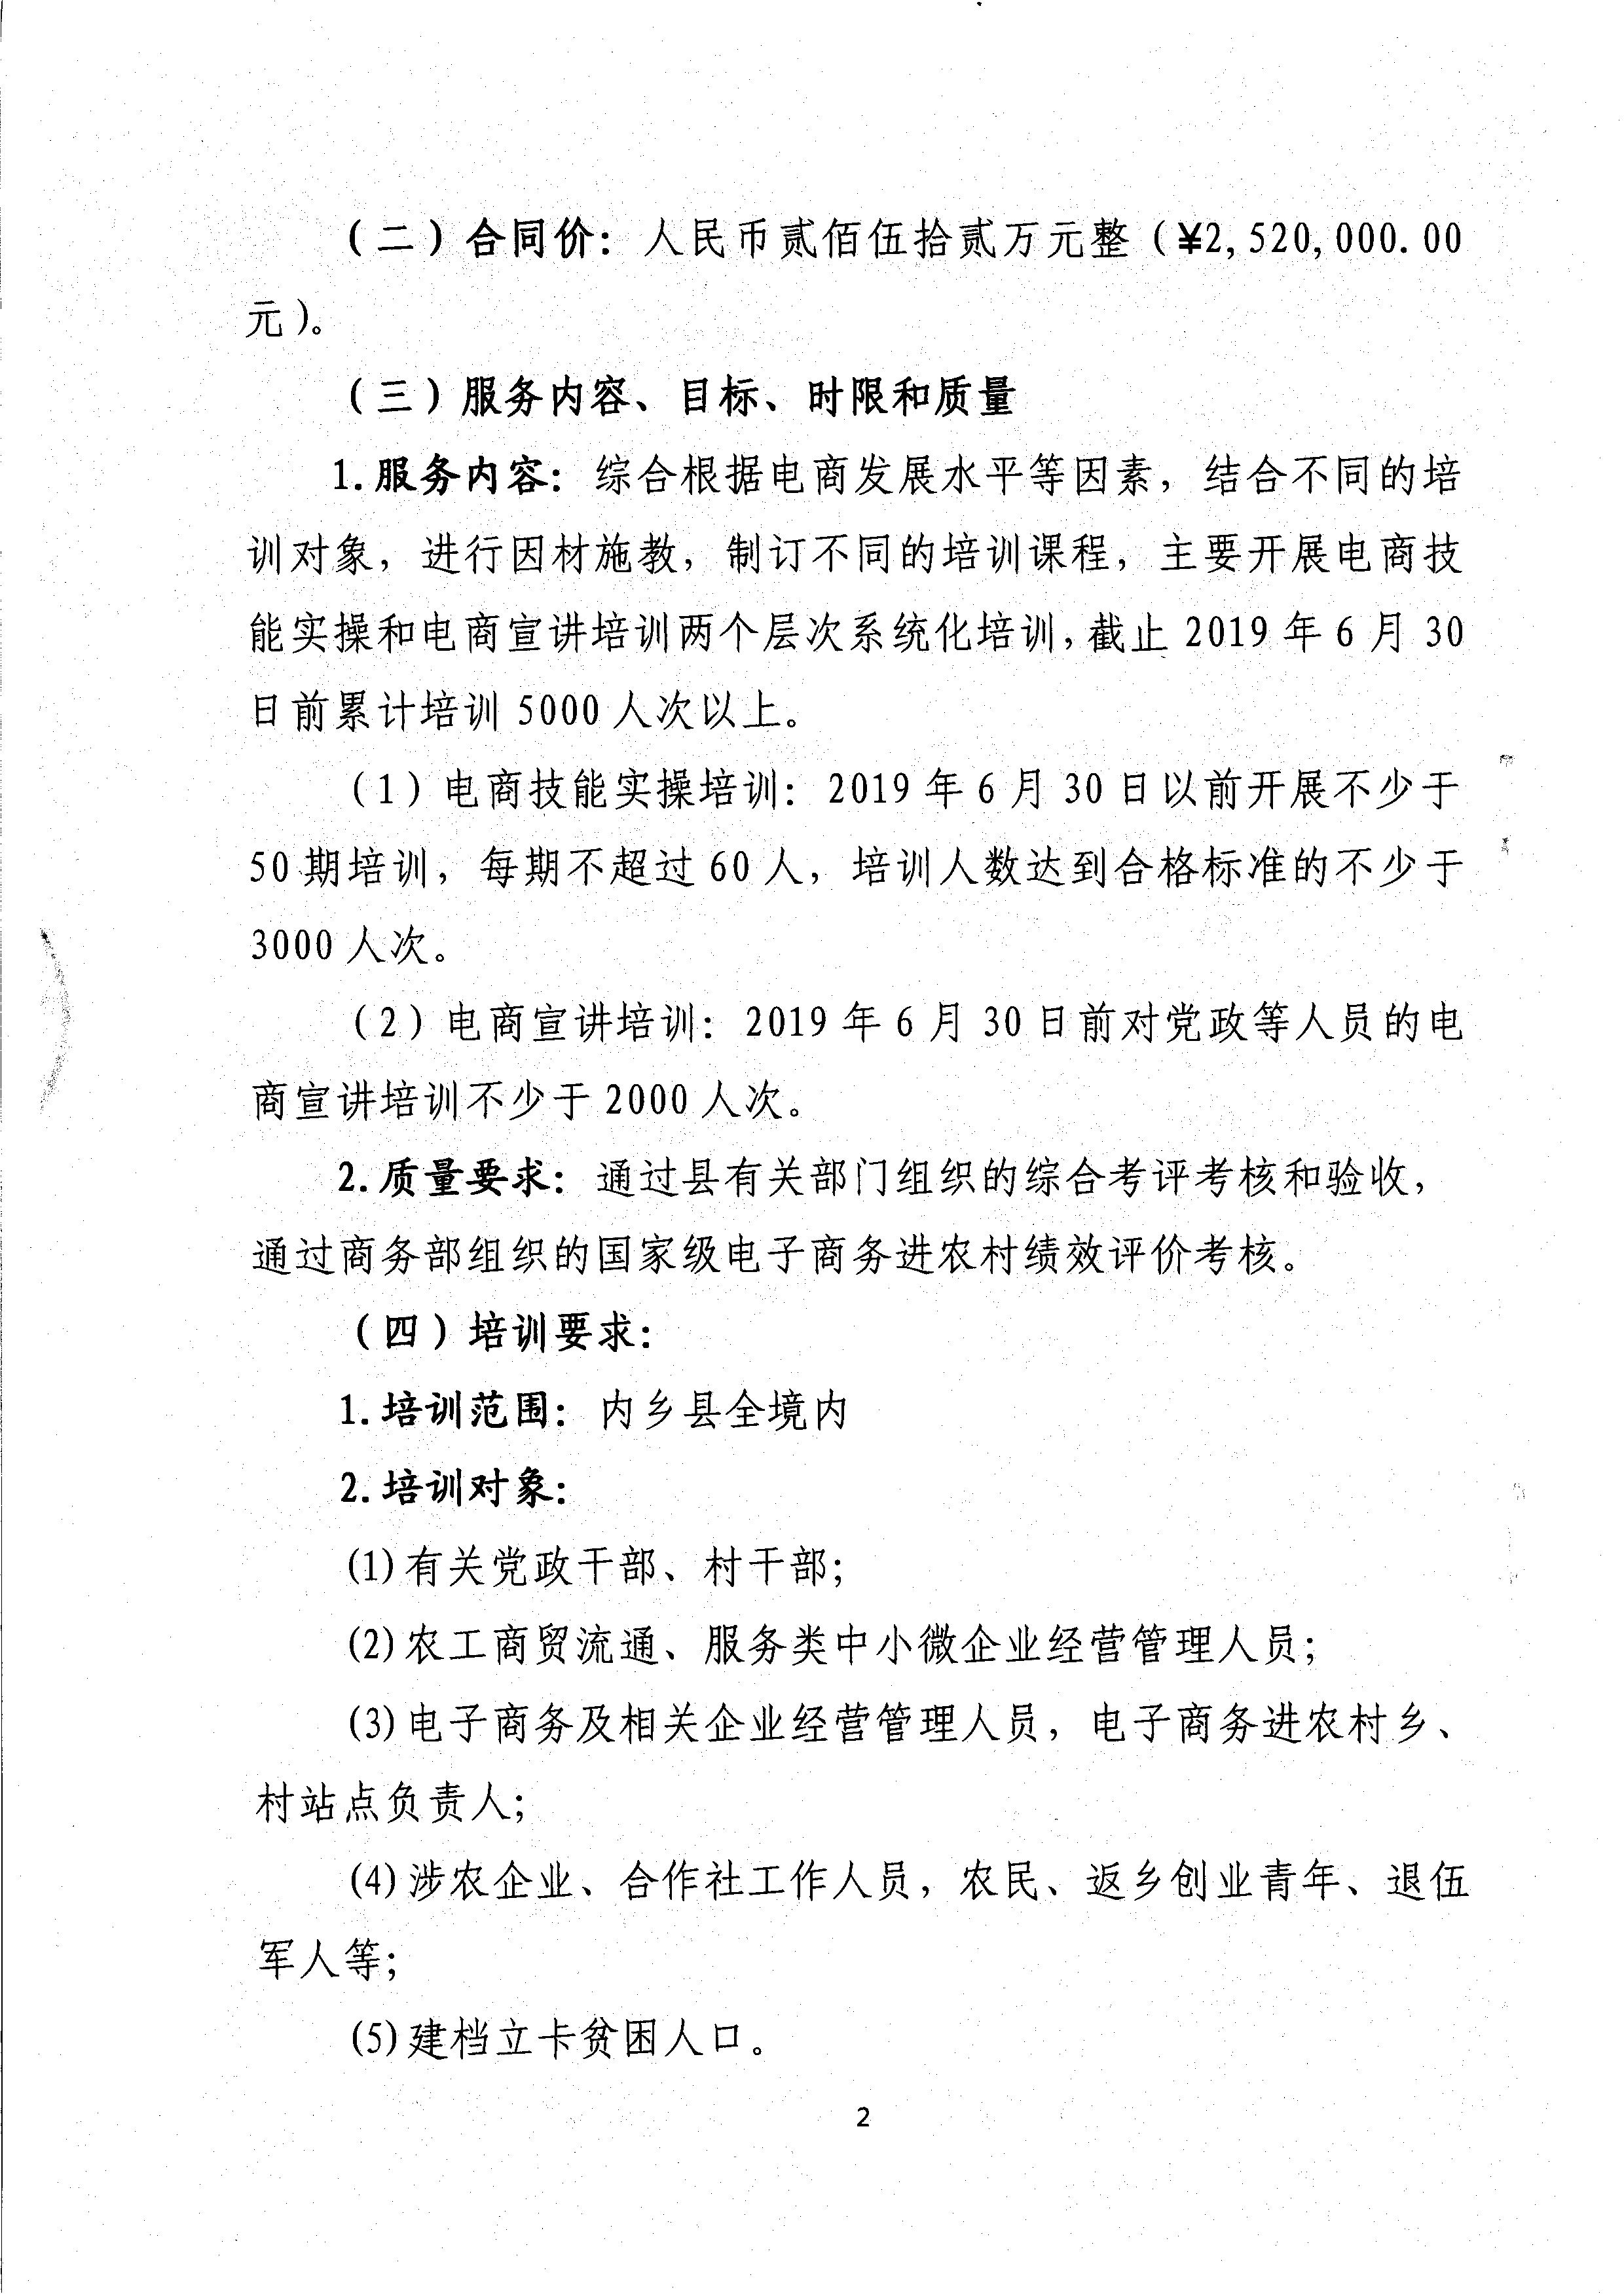 培训合作协议2